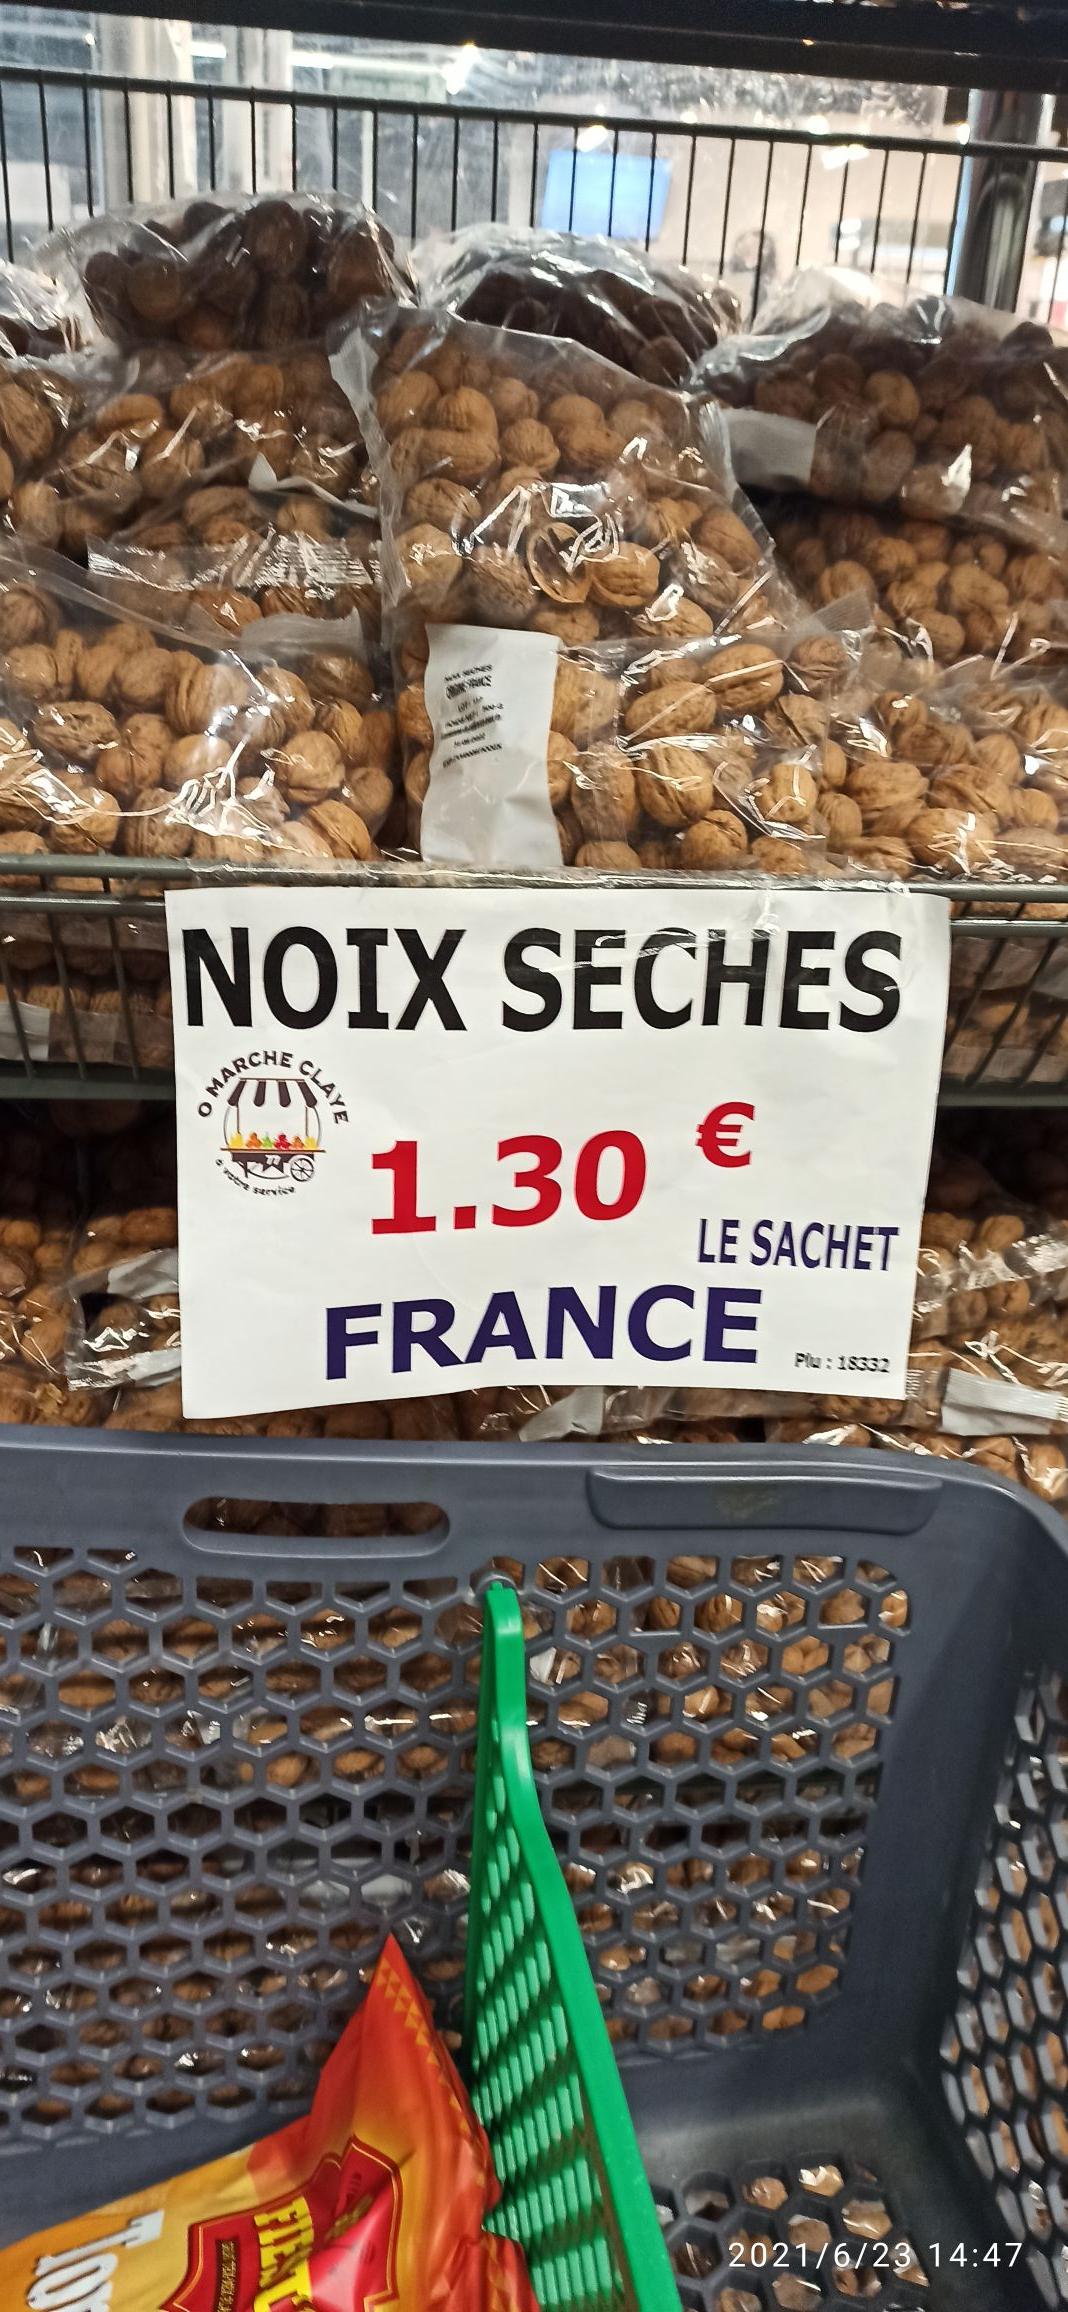 Sachet de Noix sèches (500 g) - O'Marché Claye Souilly (77)